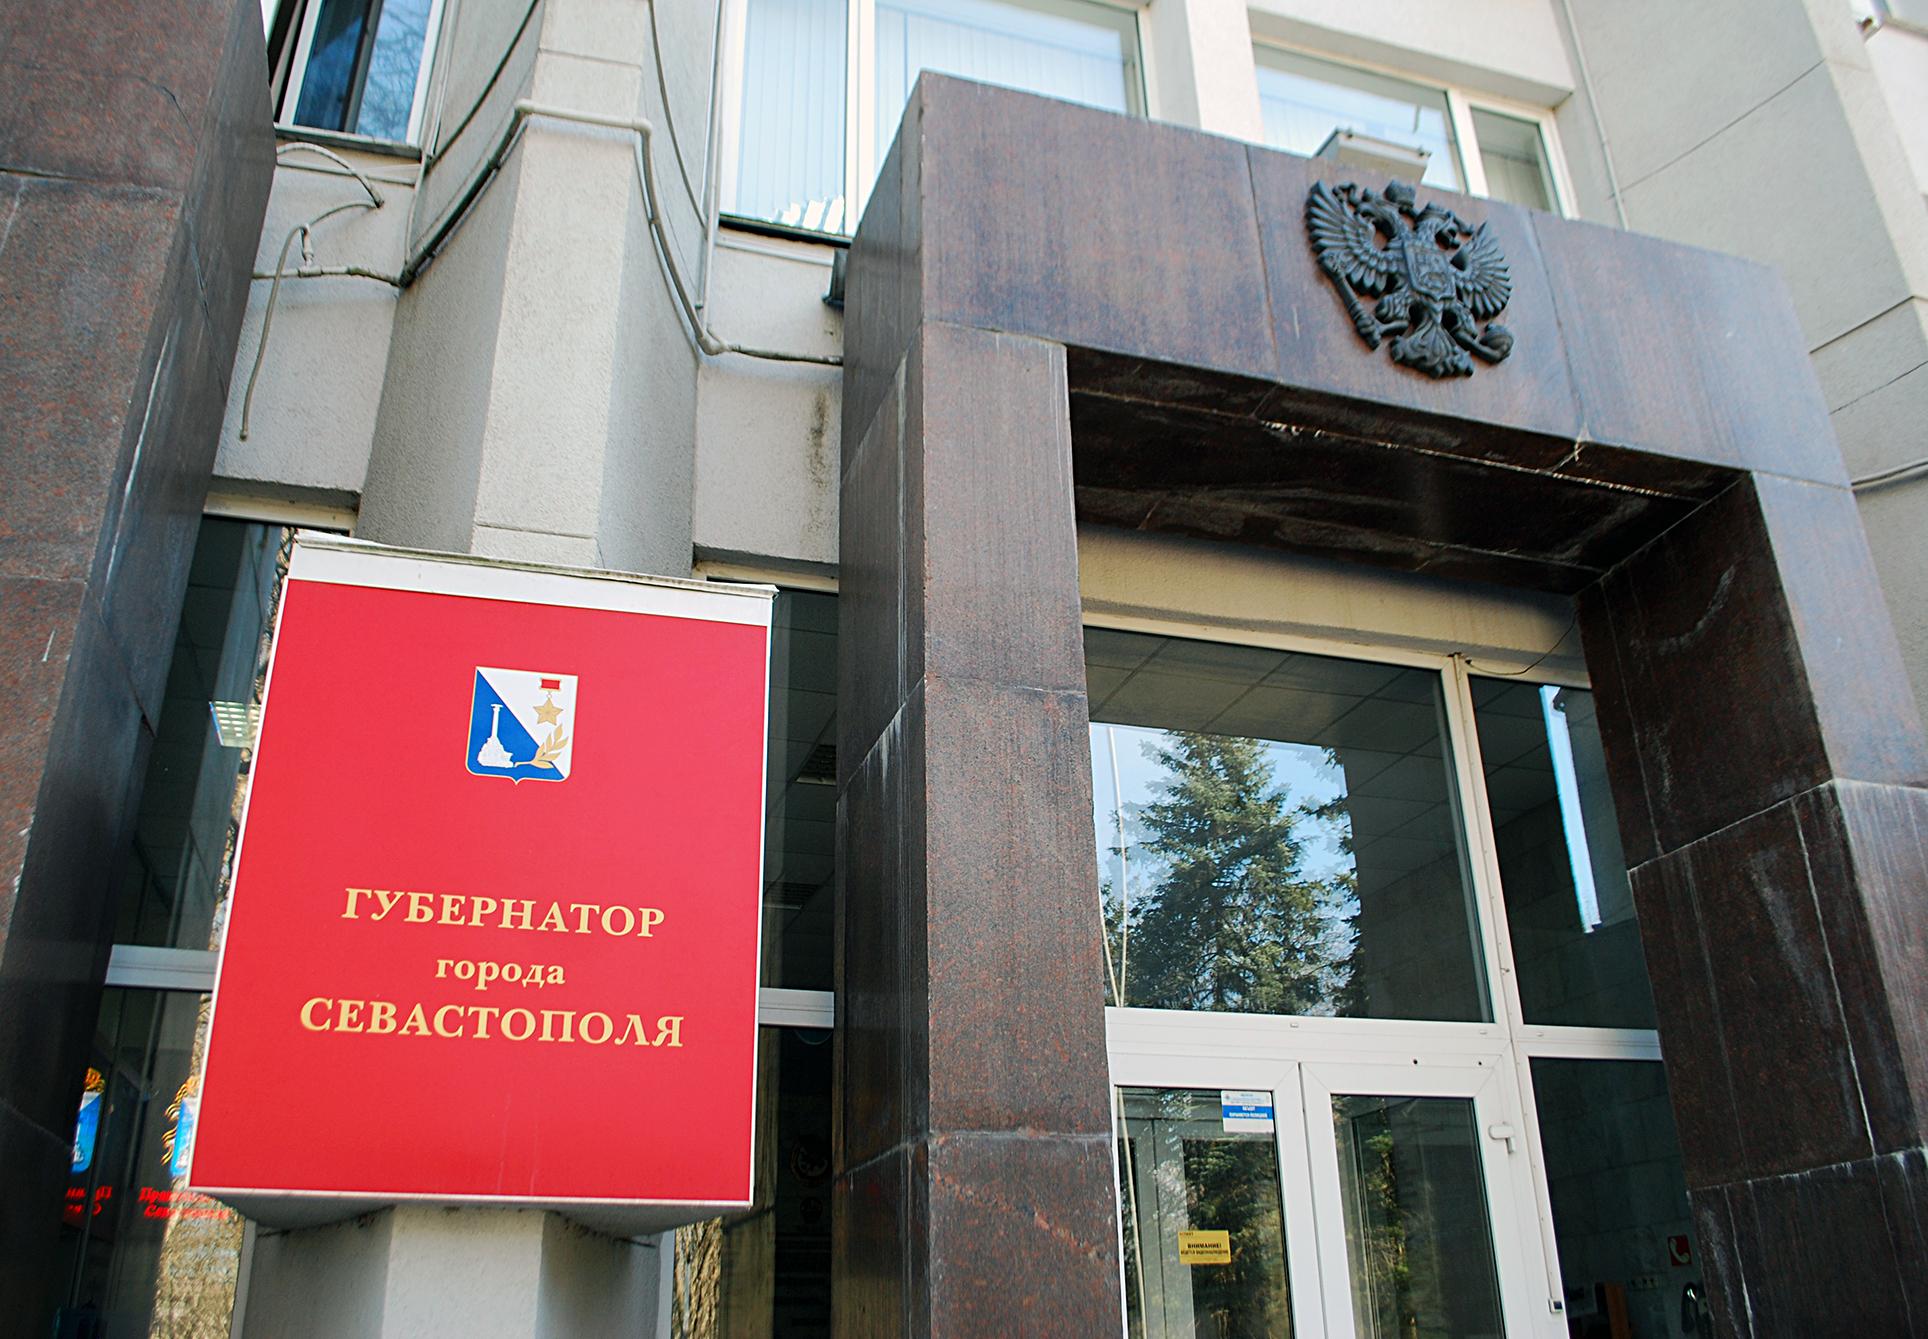 Севастопольский избирком зарегистрировал трех кандидатов на пост губернатора